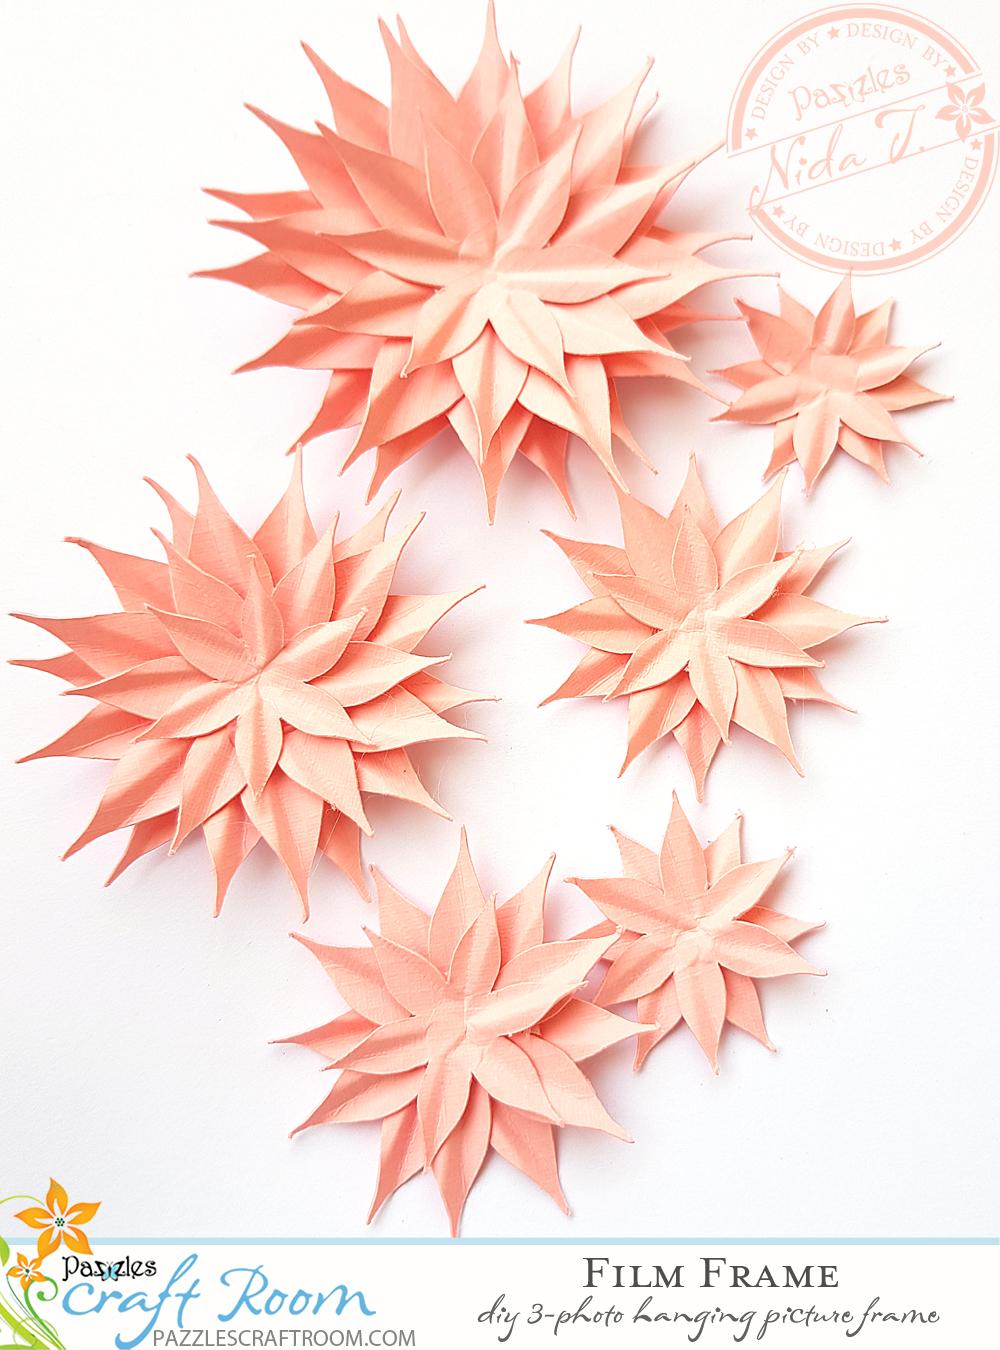 Pazzles DIY Paper Flowers by Nida Tanweer